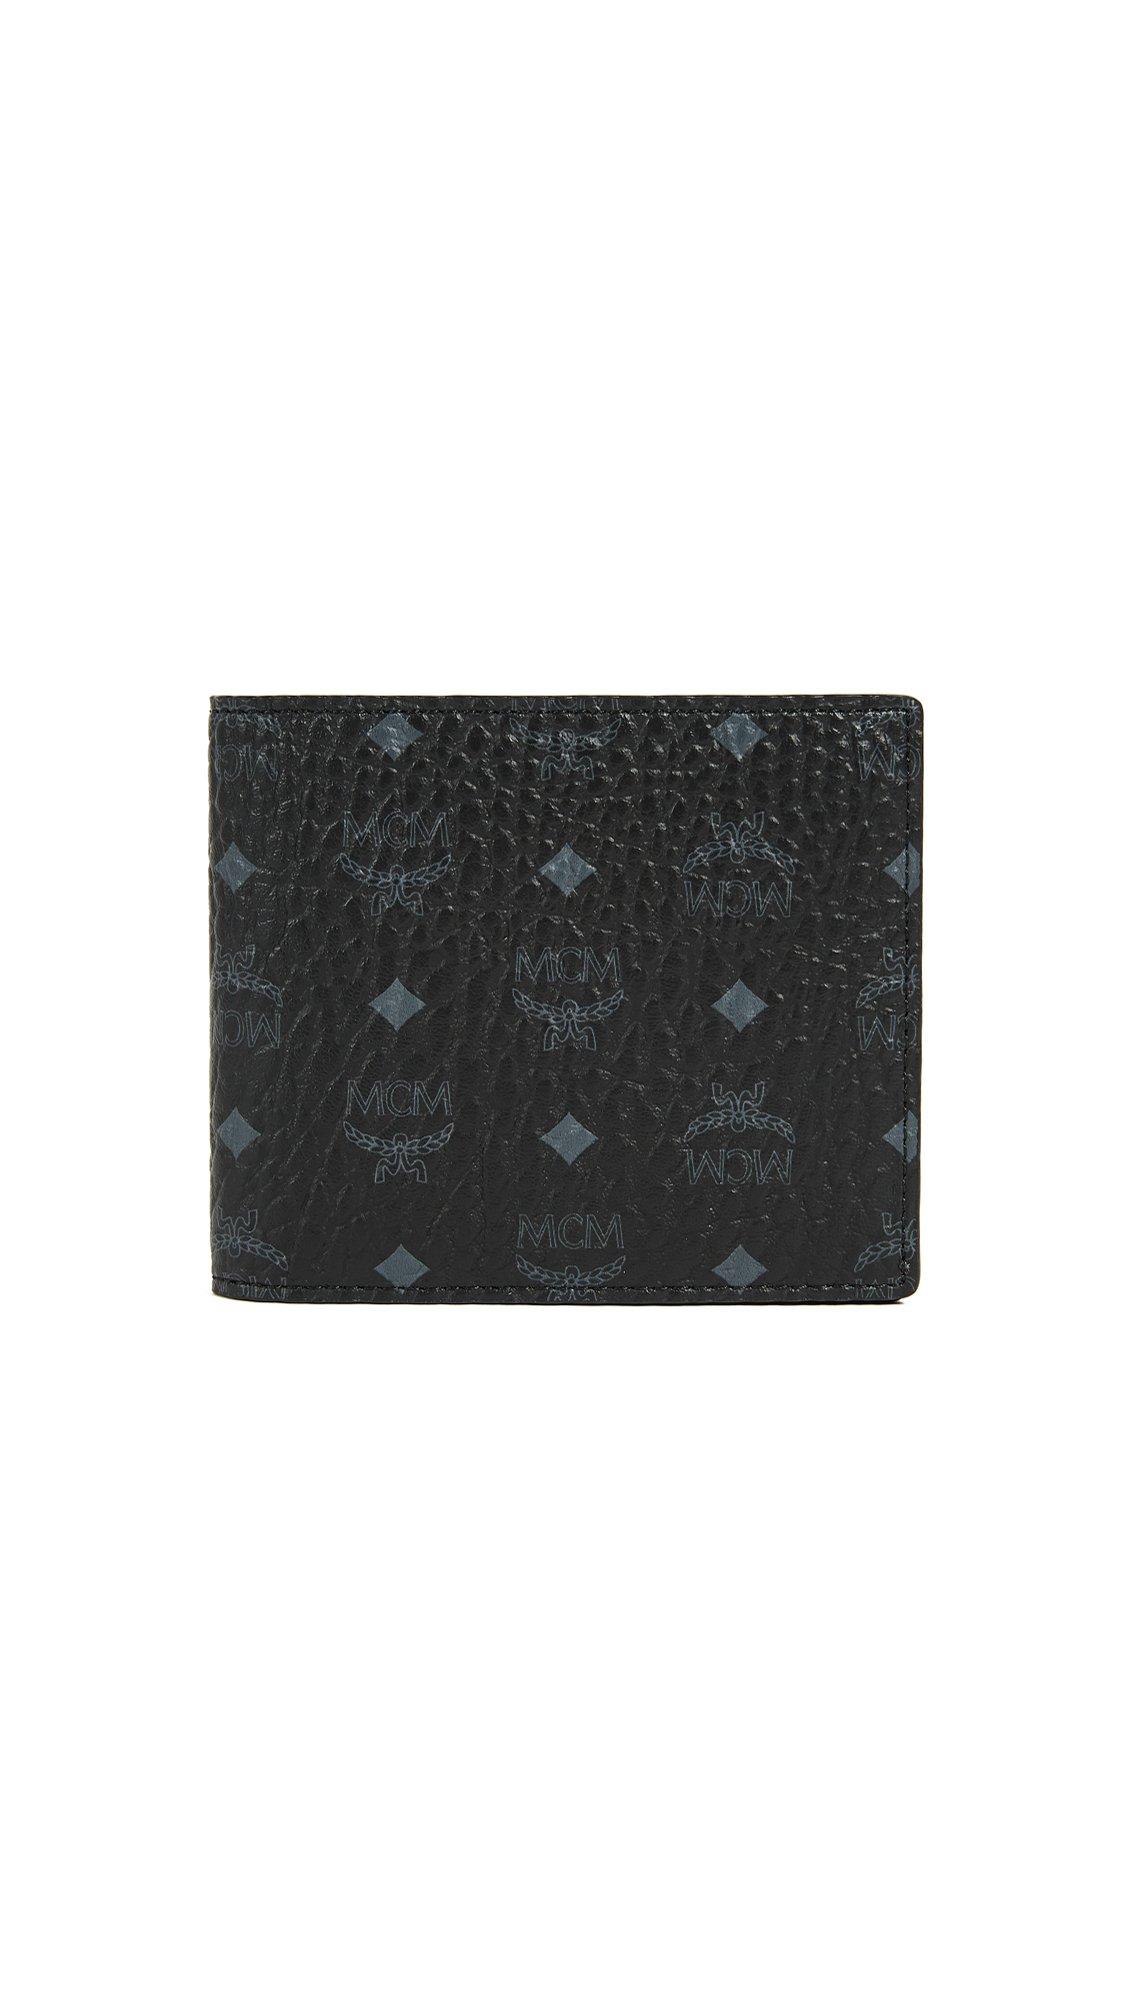 MCM Men's Visetos Bifold Wallet, Black, One Size by MCM (Image #1)